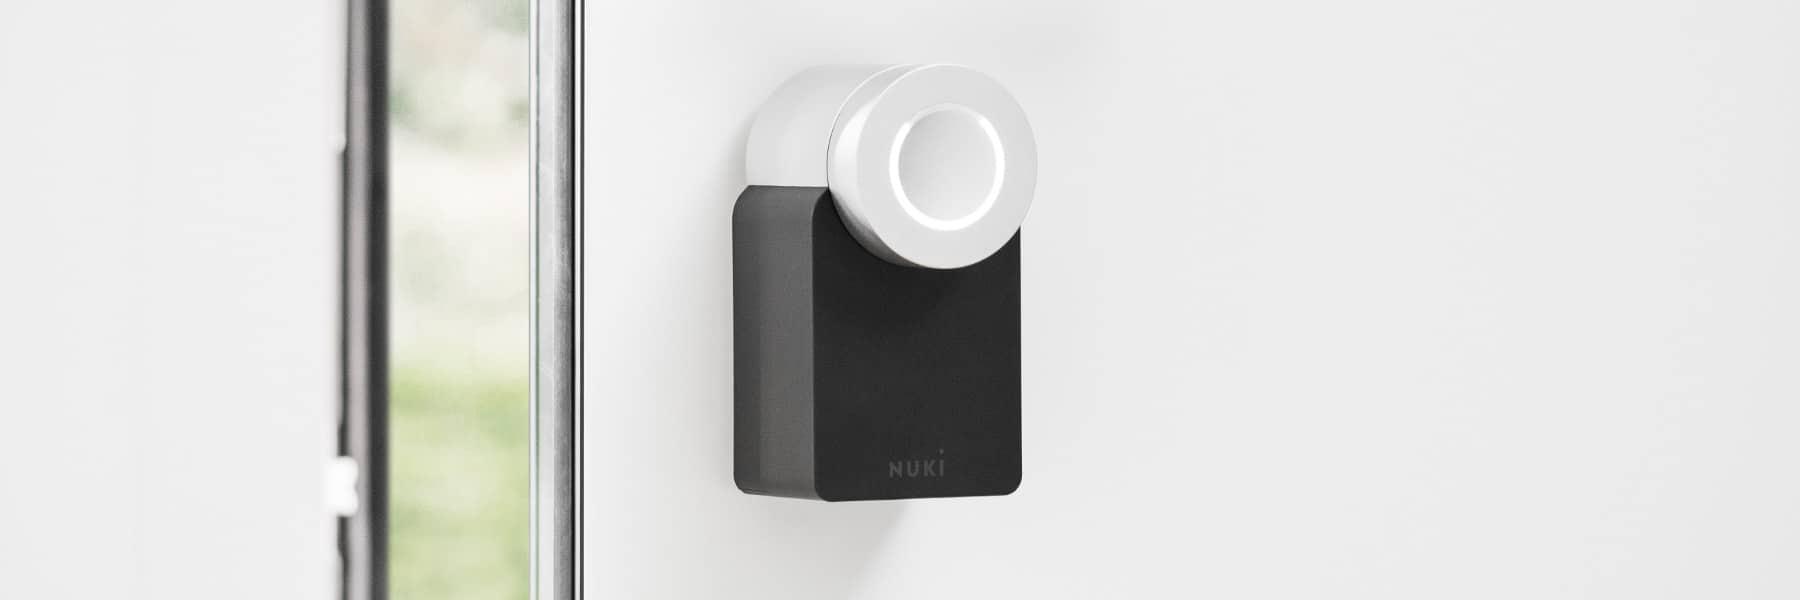 Nuki 2.0 kommt mit HomeKit Unterstützung